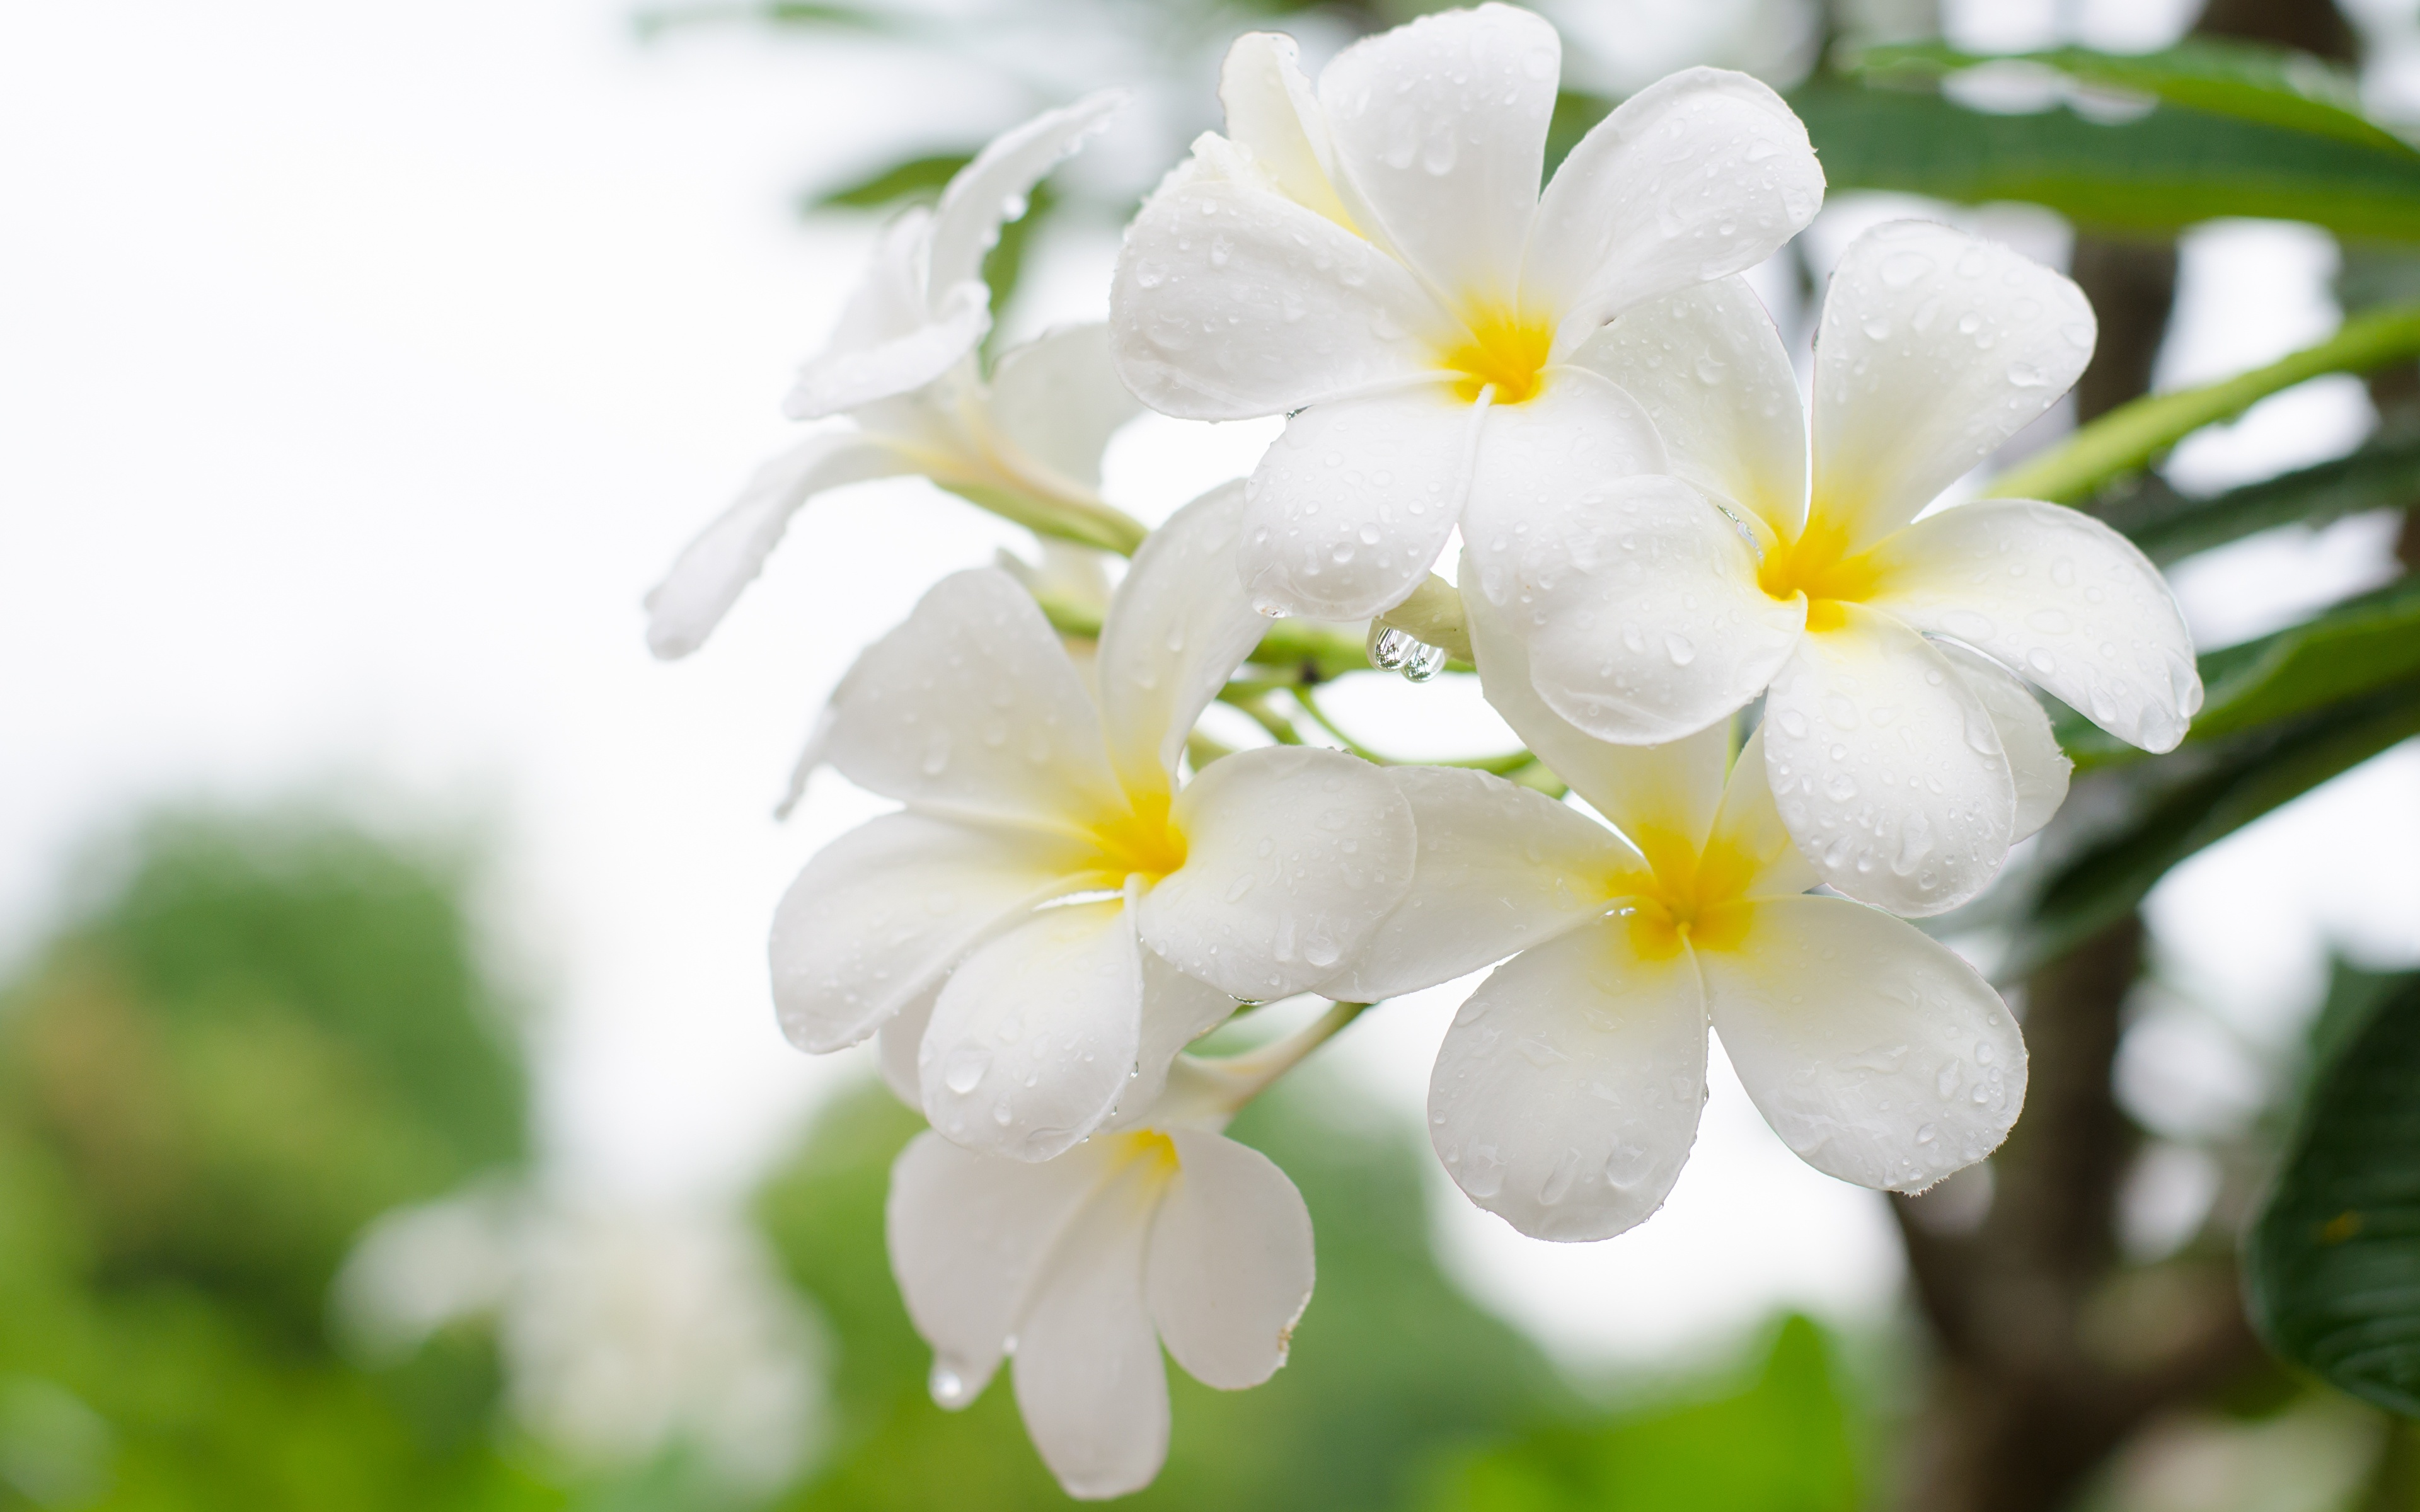 Картинки Белый Цветы Плюмерия вблизи 3840x2400 белых белые белая цветок Крупным планом